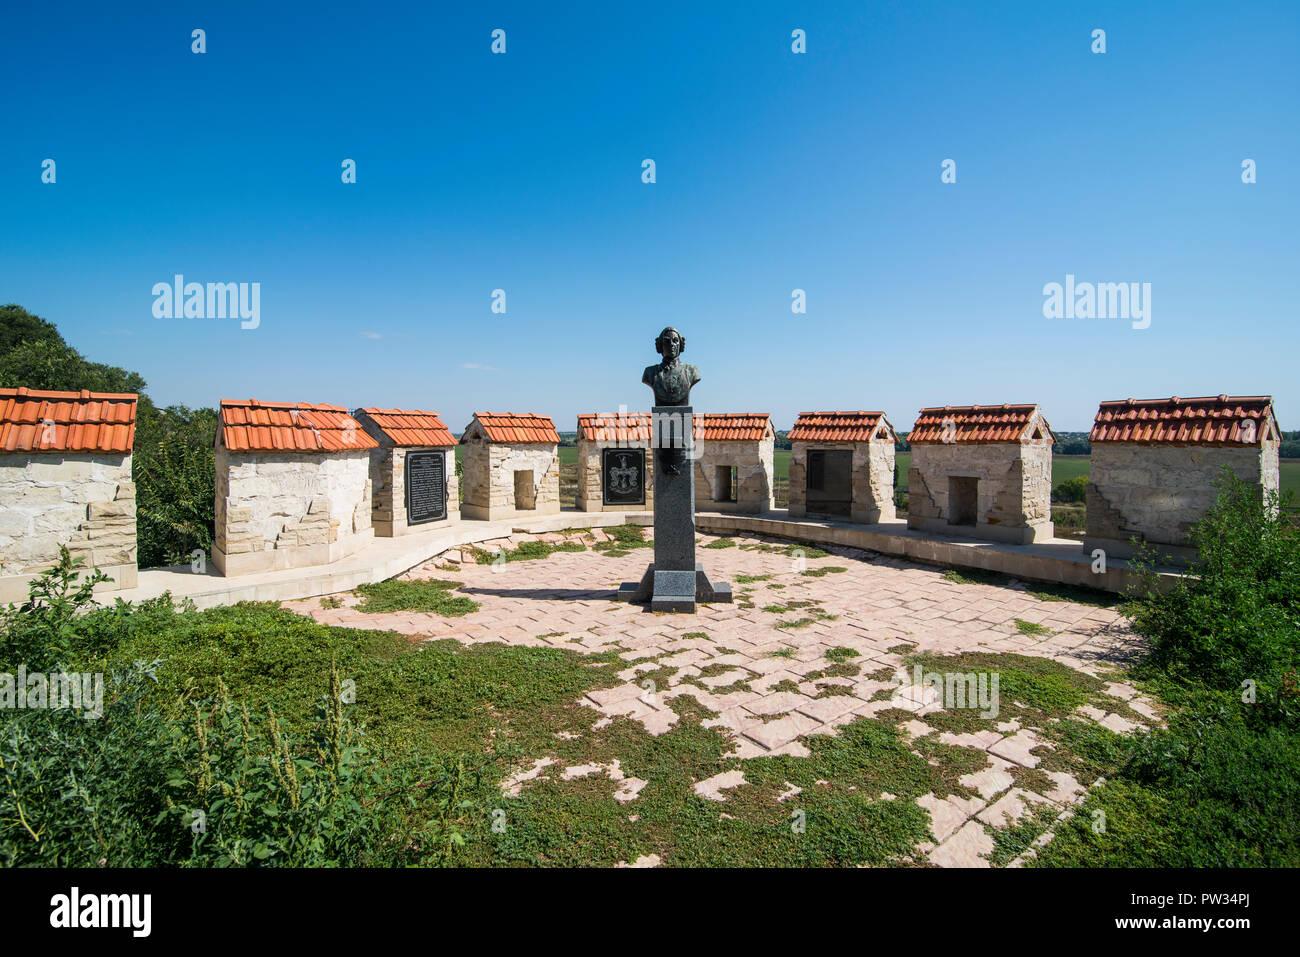 Monumento Muenchhausen en la fortaleza, Bender Bender, República de Transnistria, Moldavia Foto de stock